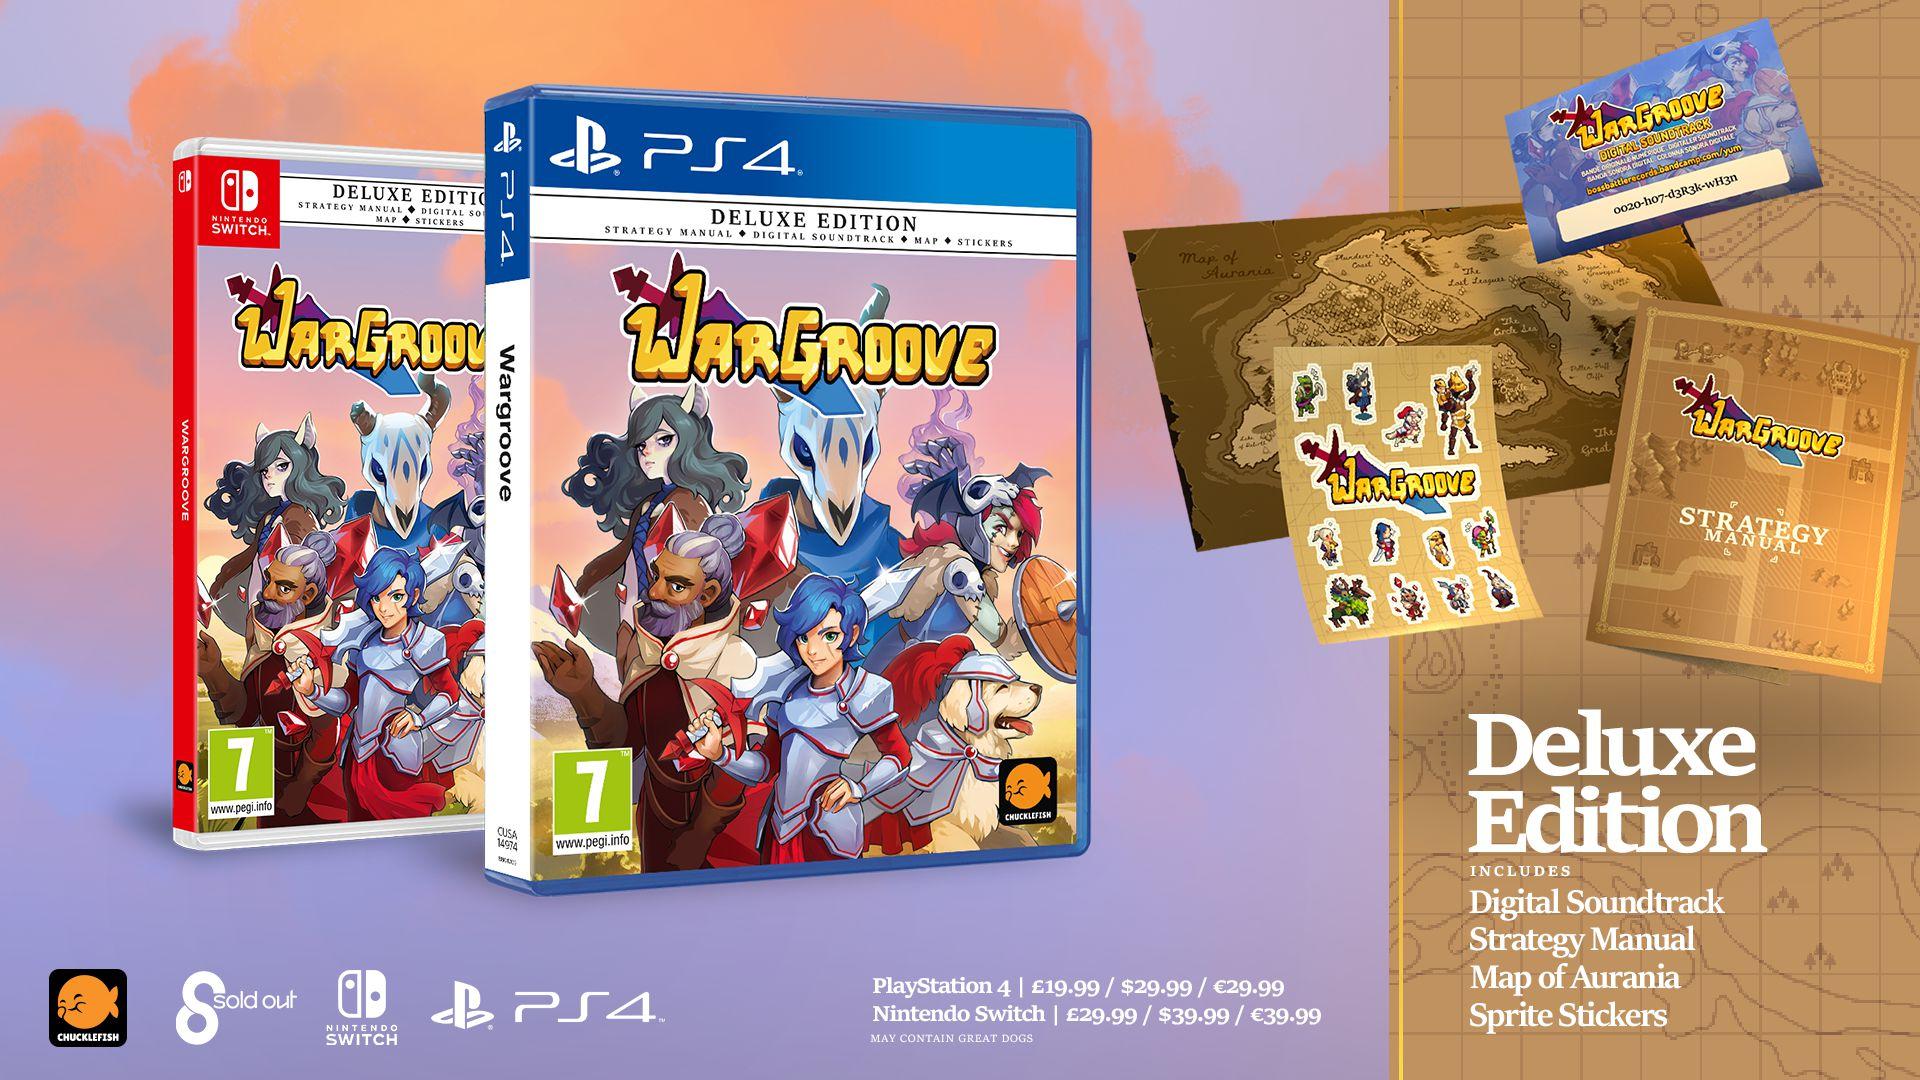 Wargroove: in arrivo la Deluxe Edition in formato fisico thumbnail